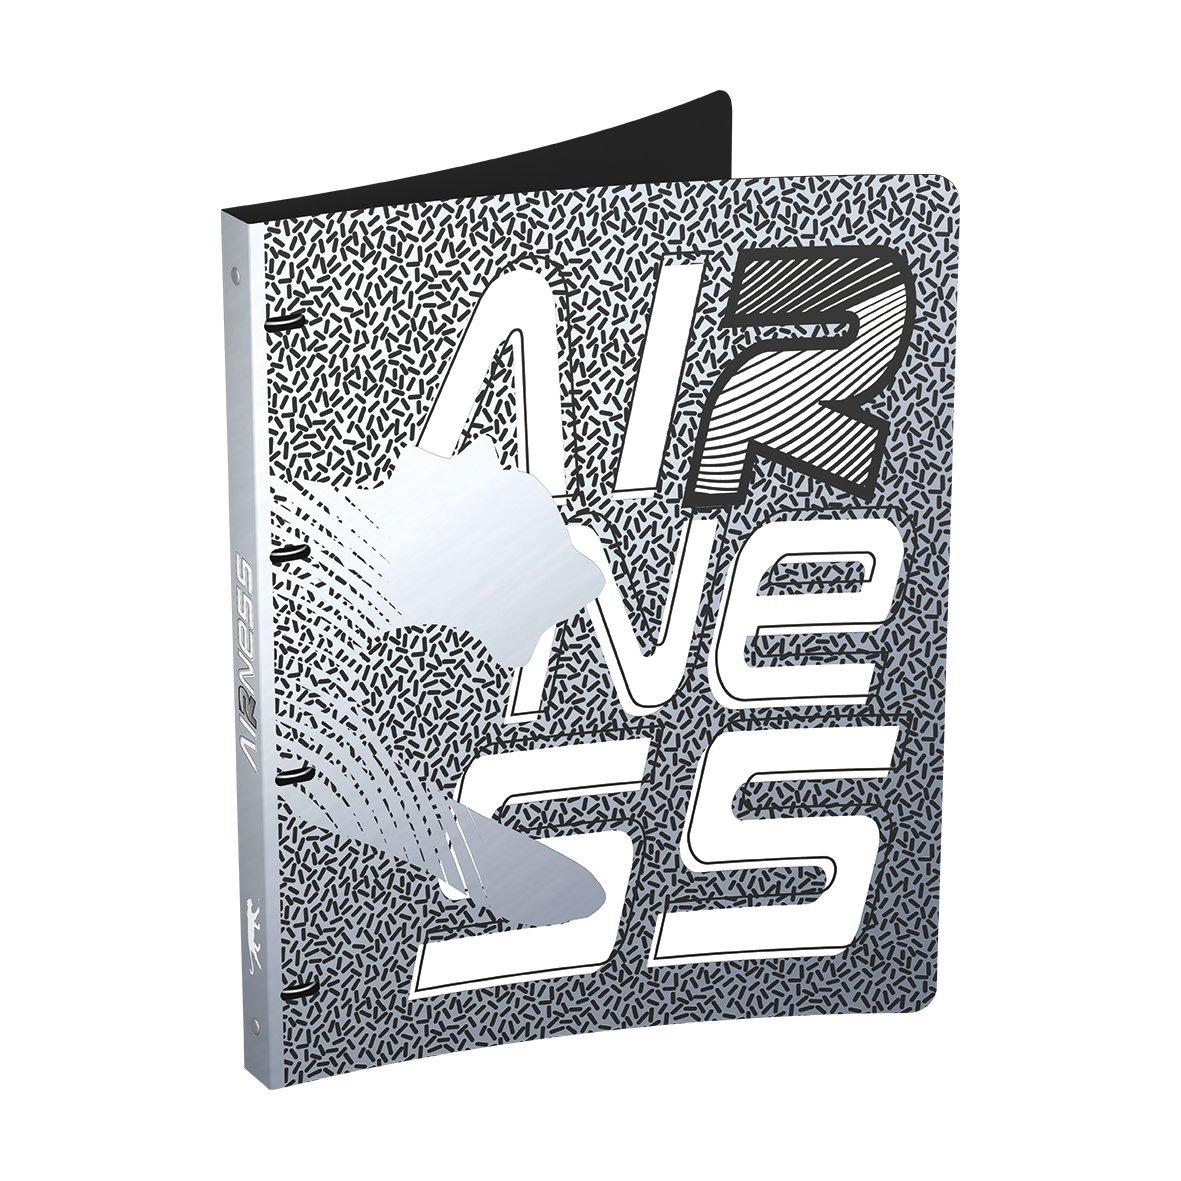 Airness 400078807 carpeta suave A4 lomo 20 mm: Amazon.es: Oficina y papelería